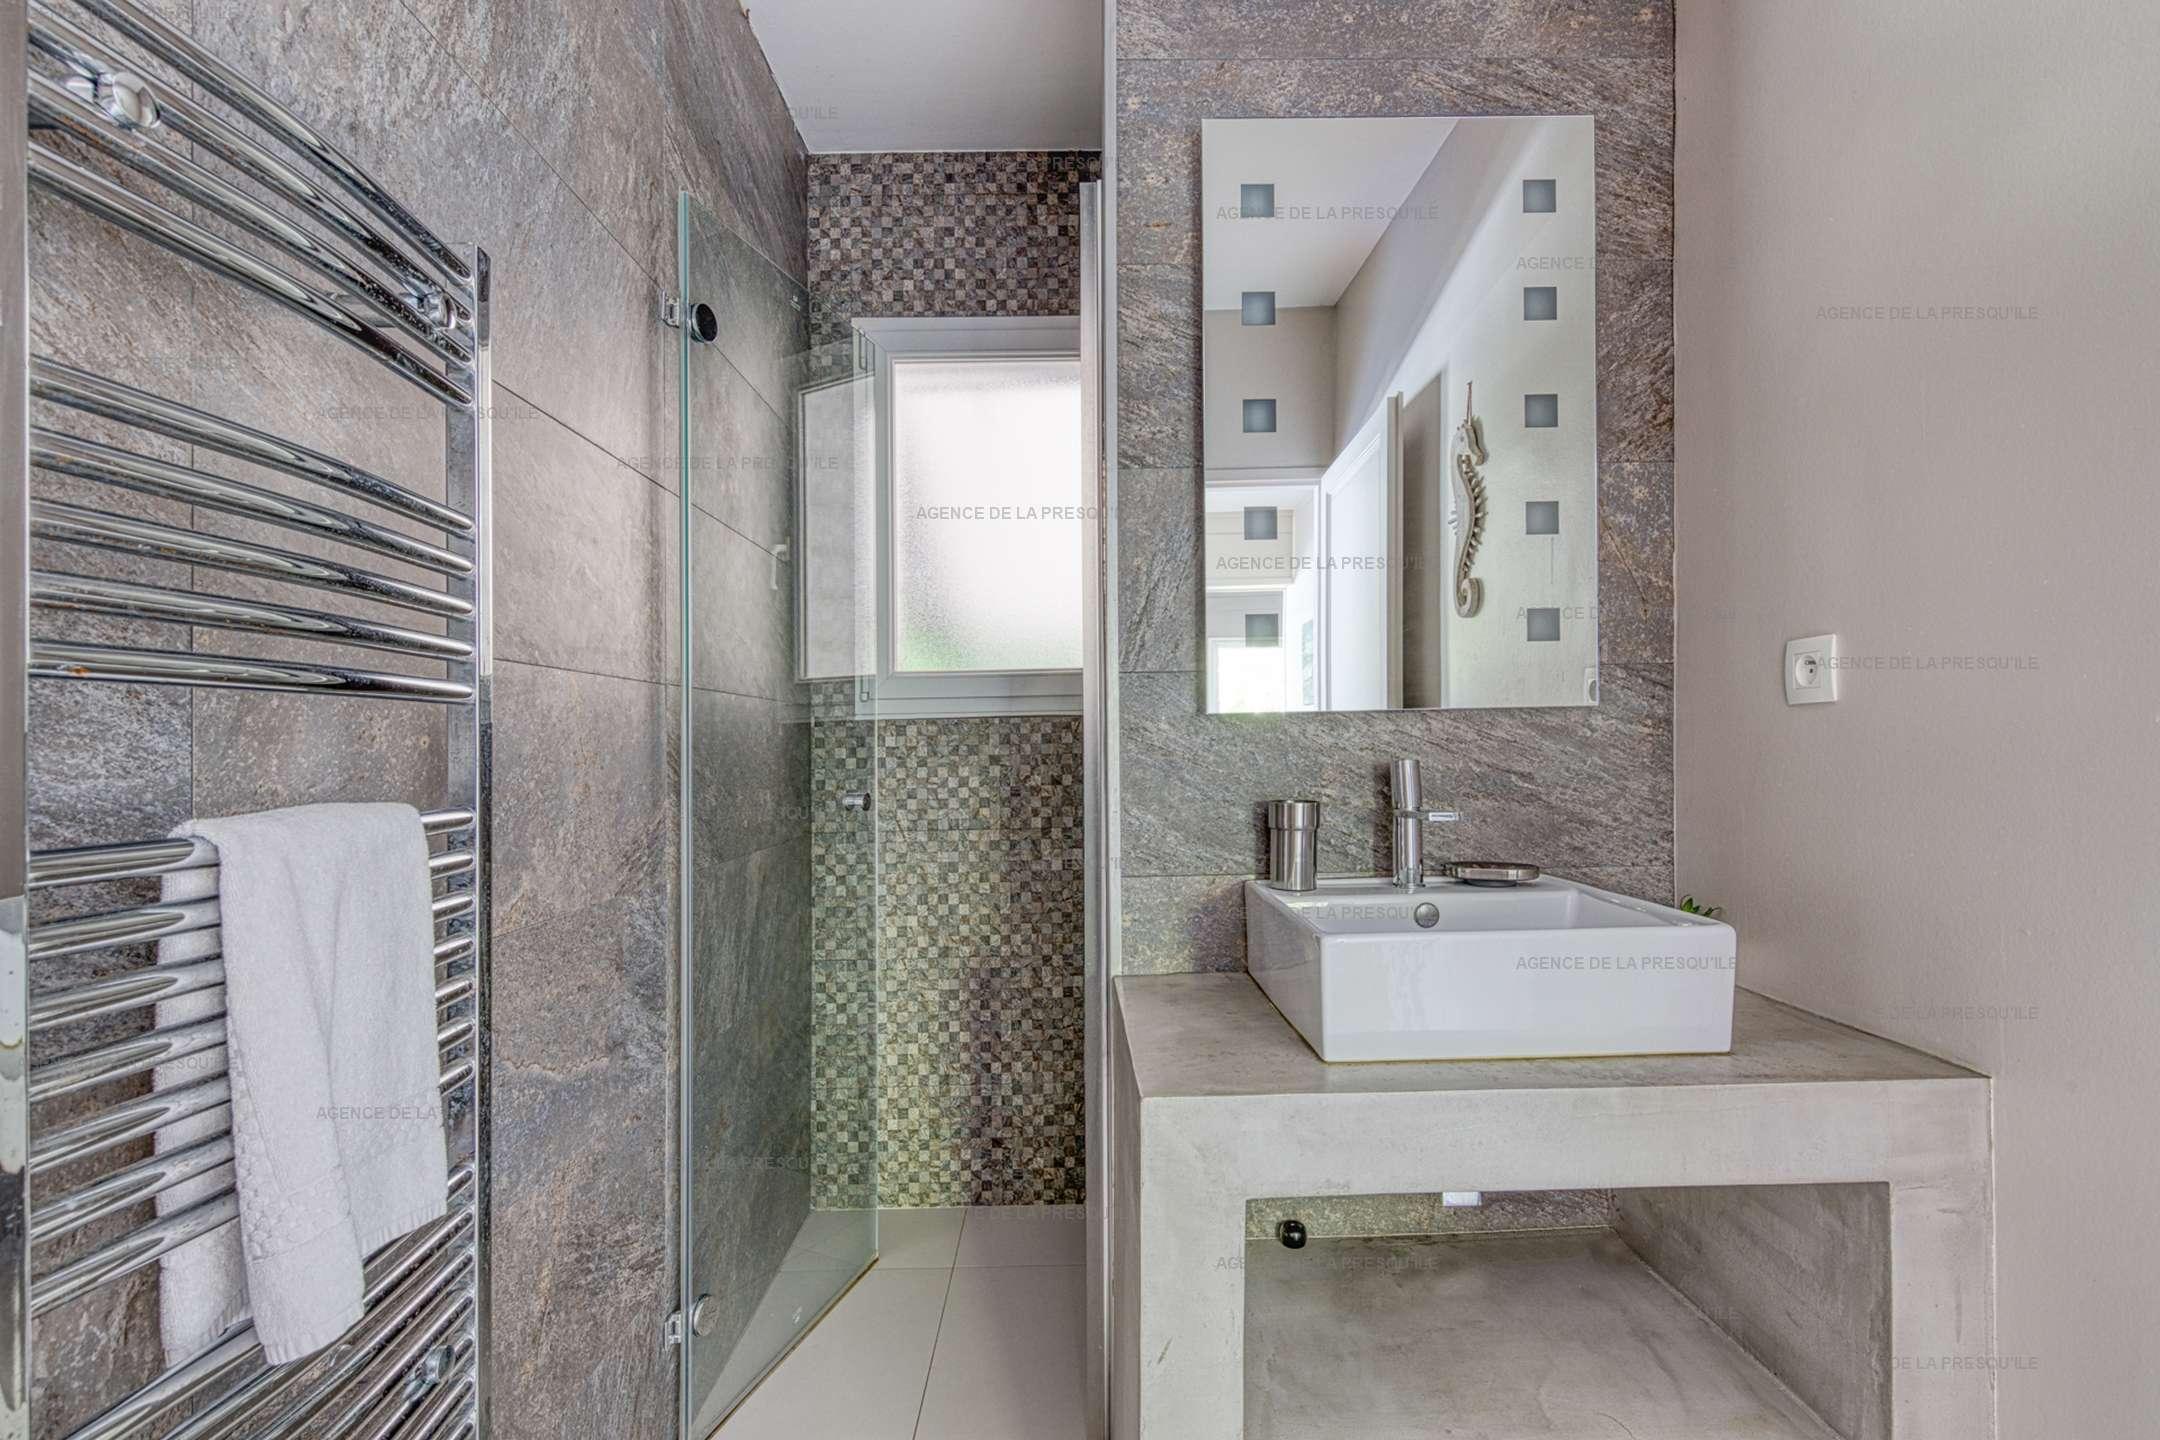 Location: Très belle villa en bois au calme avec piscine chauffée 11